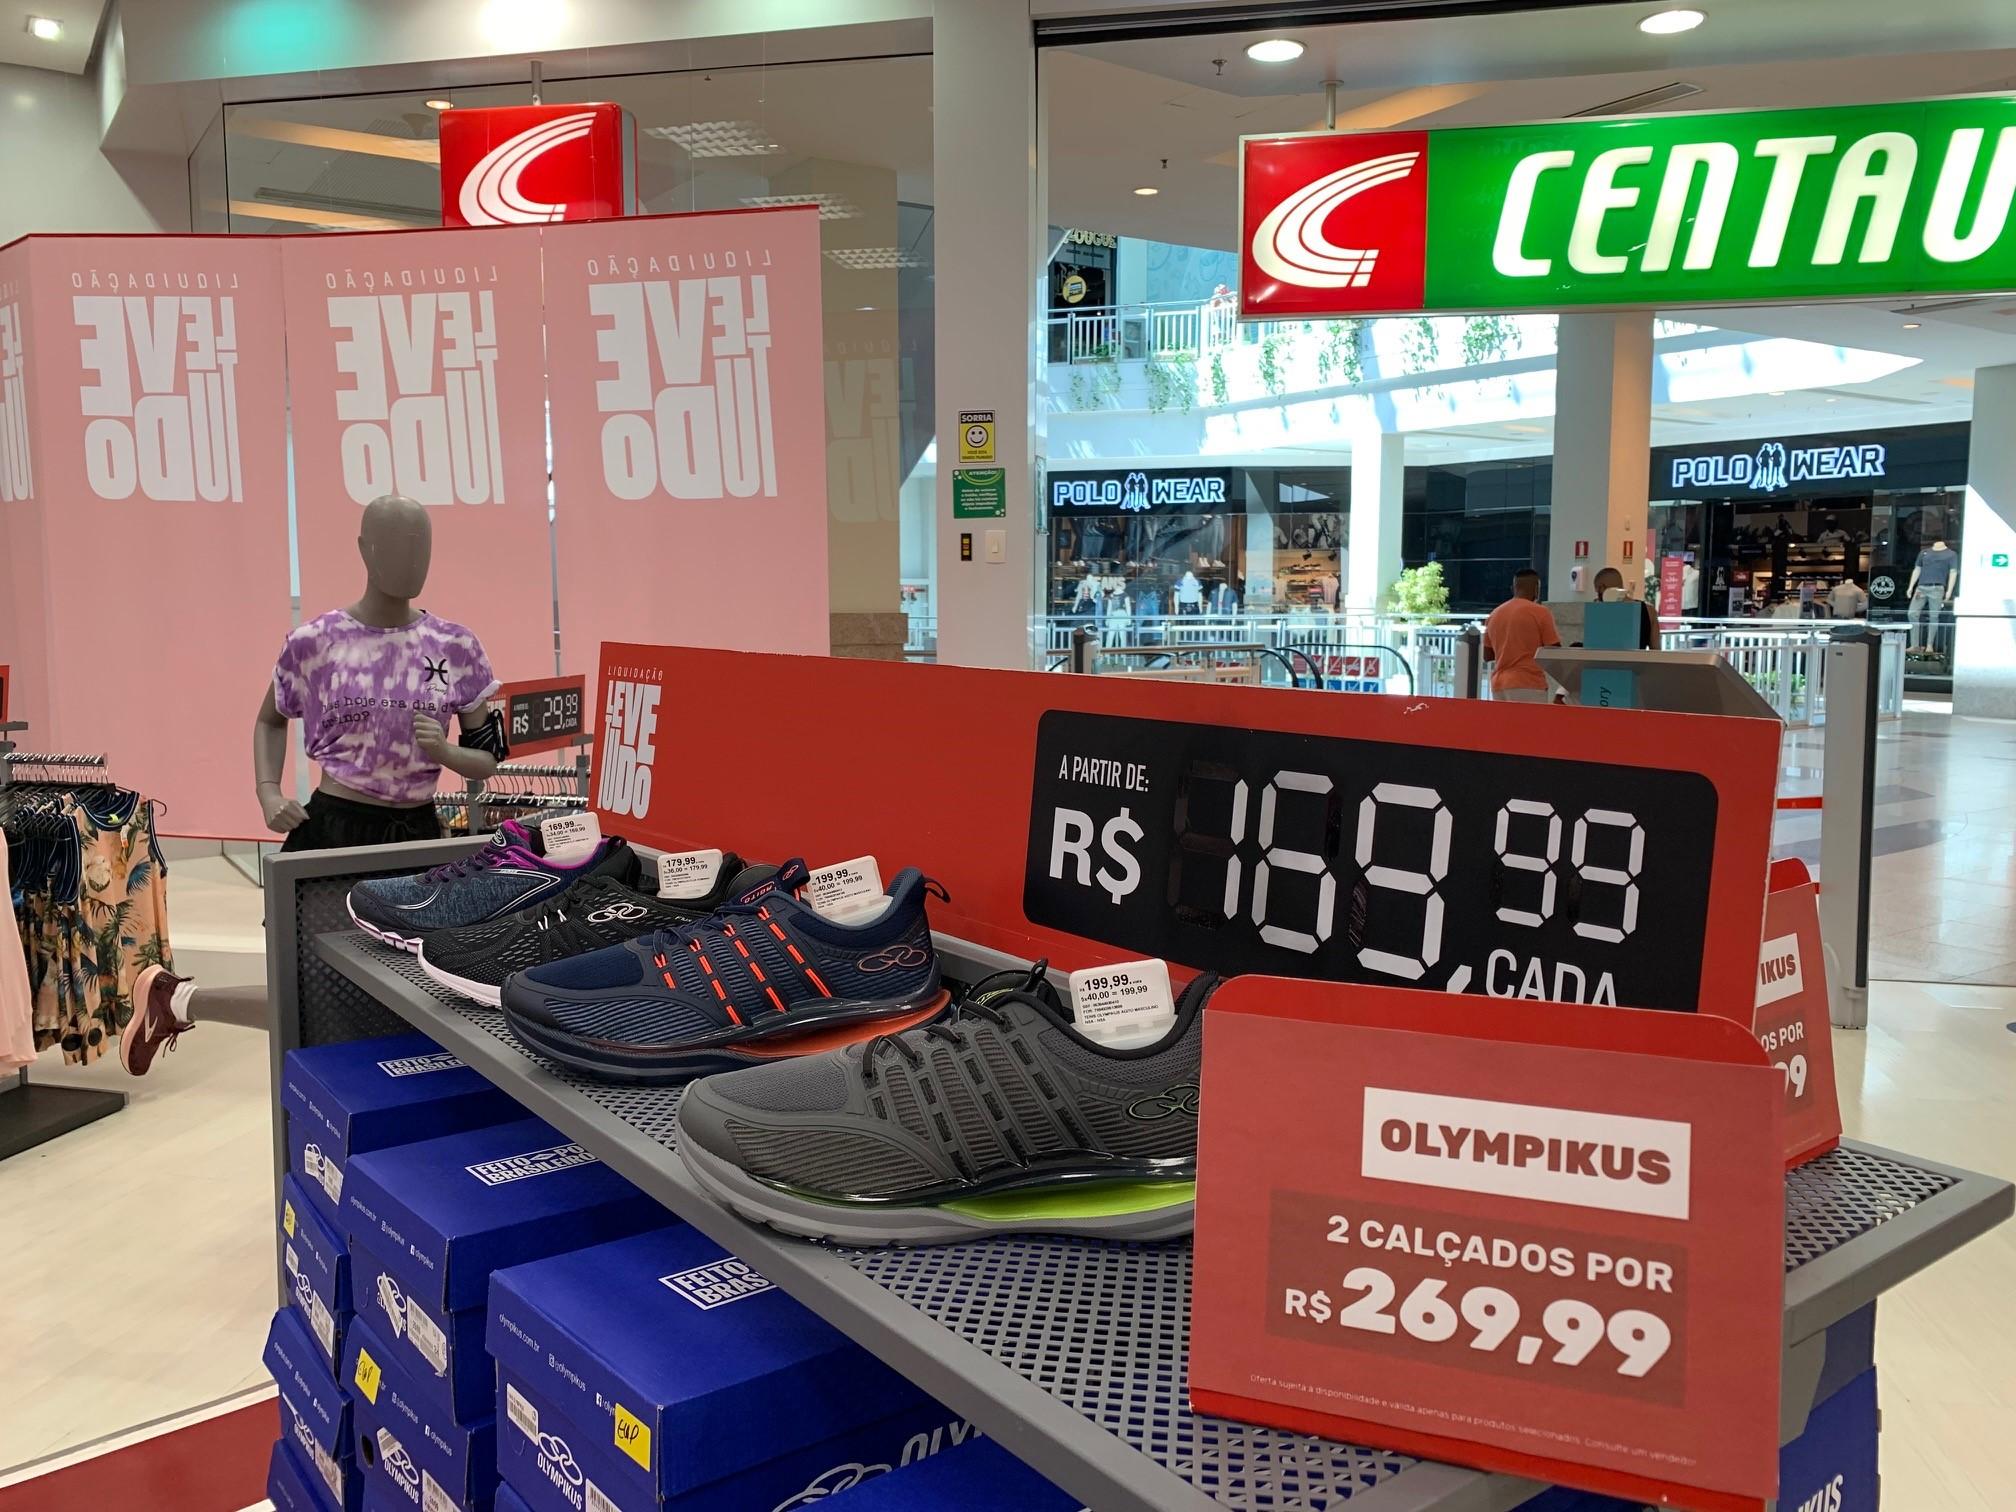 Salvador Norte Shopping: Centauro - Tênis Olympikus, por R$ 169,99; na compra de dois, o total fica R$ R$ 269,99